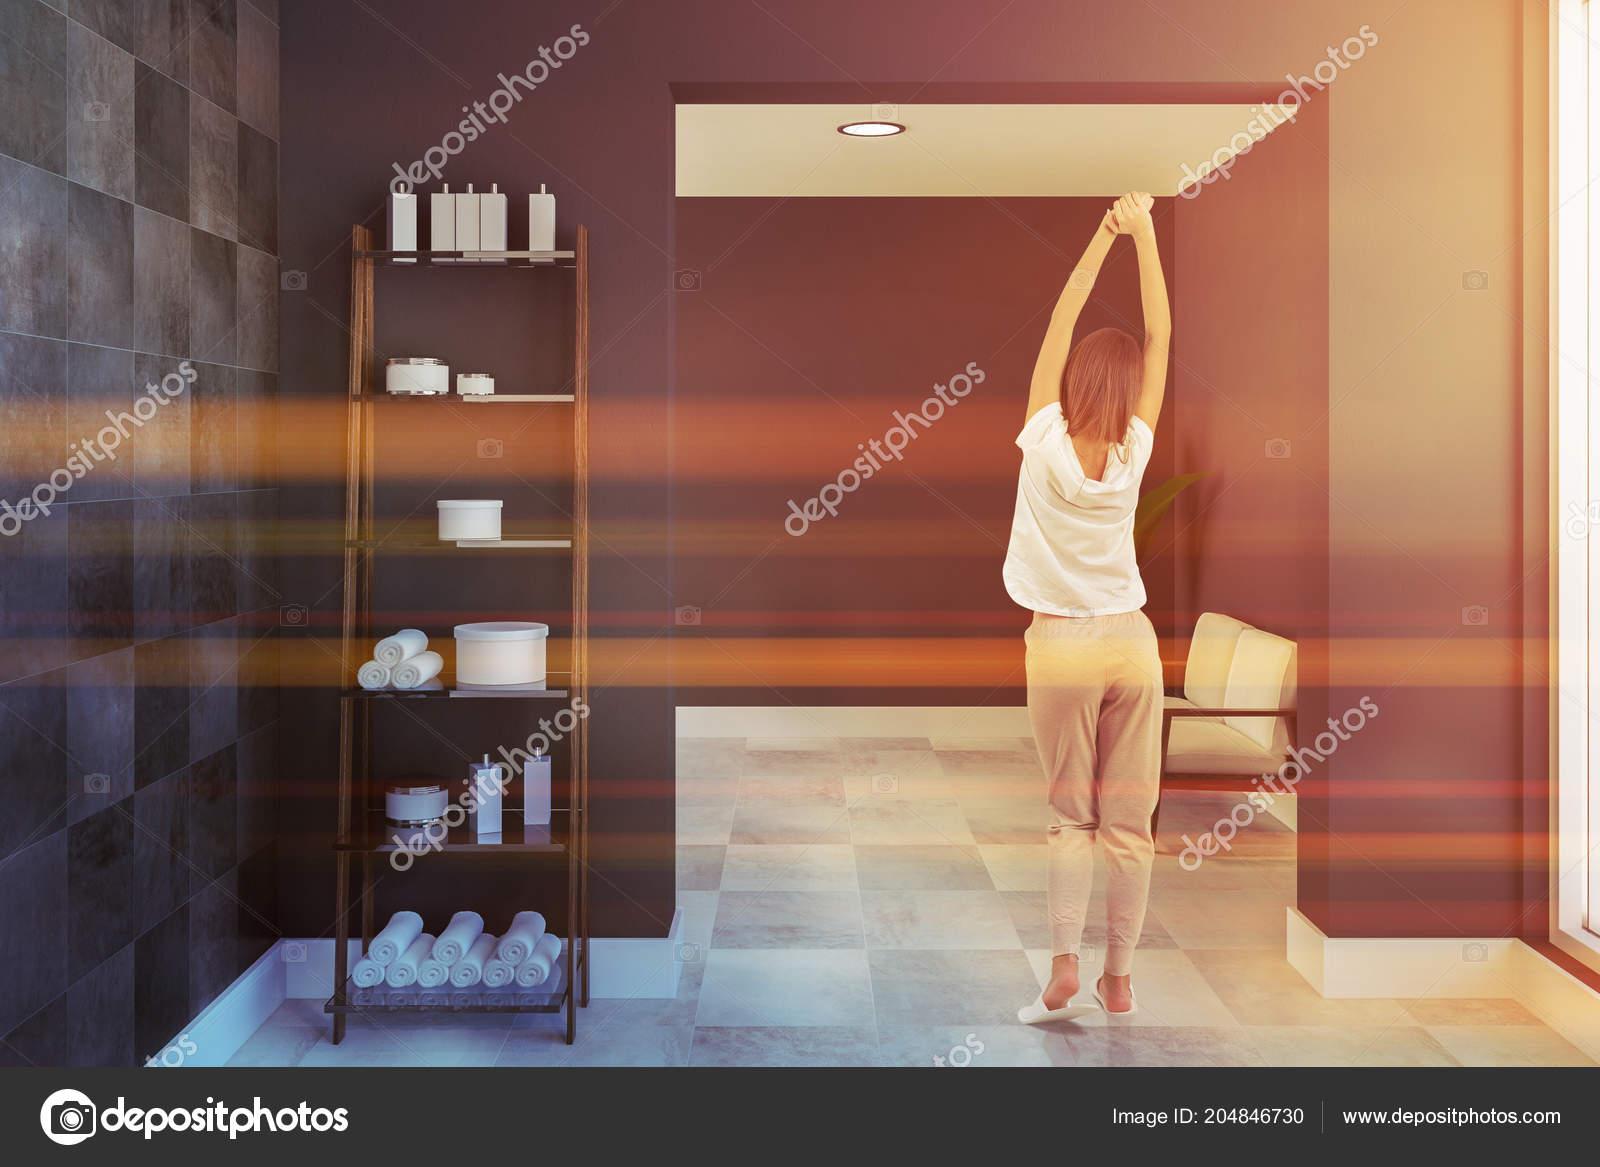 Mensole con asciugamani shampoo interno spazioso bagno con